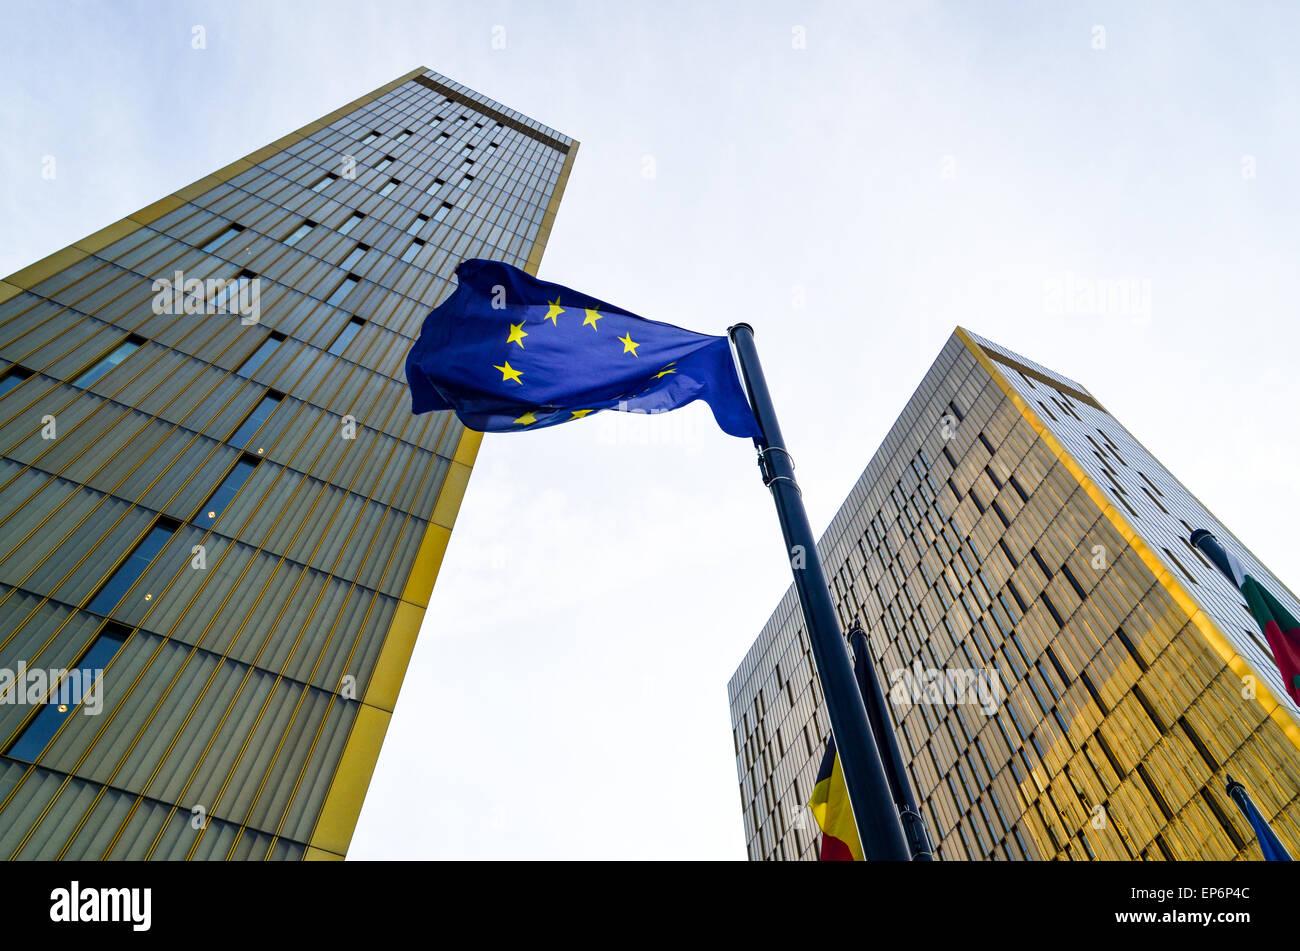 Golden torri gemelle della Corte di giustizia dell'Unione europea, nel quartiere europeo, Kirchberg, Lussemburgo, Immagini Stock